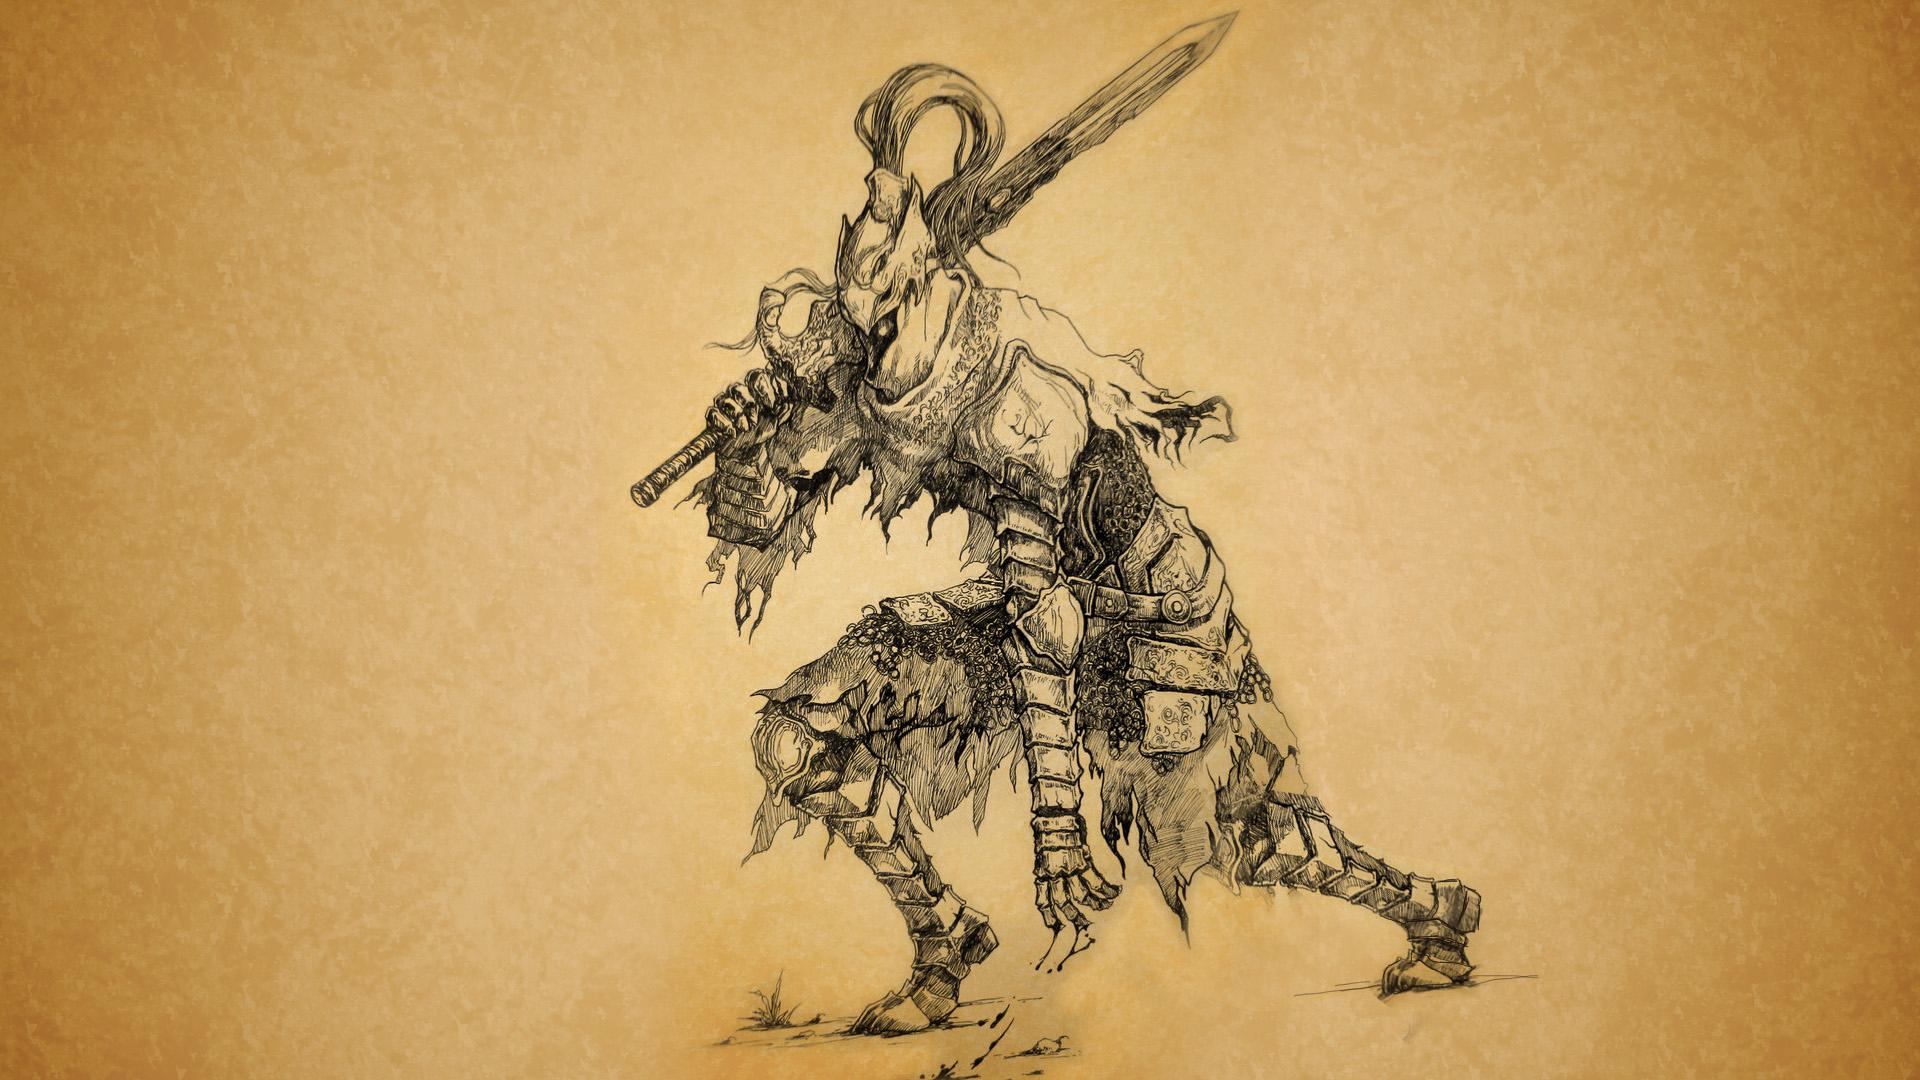 Dark Souls 3 Wallpaper Quote Dark Souls Sketch Drawing Sword Hd Wallpaper Games